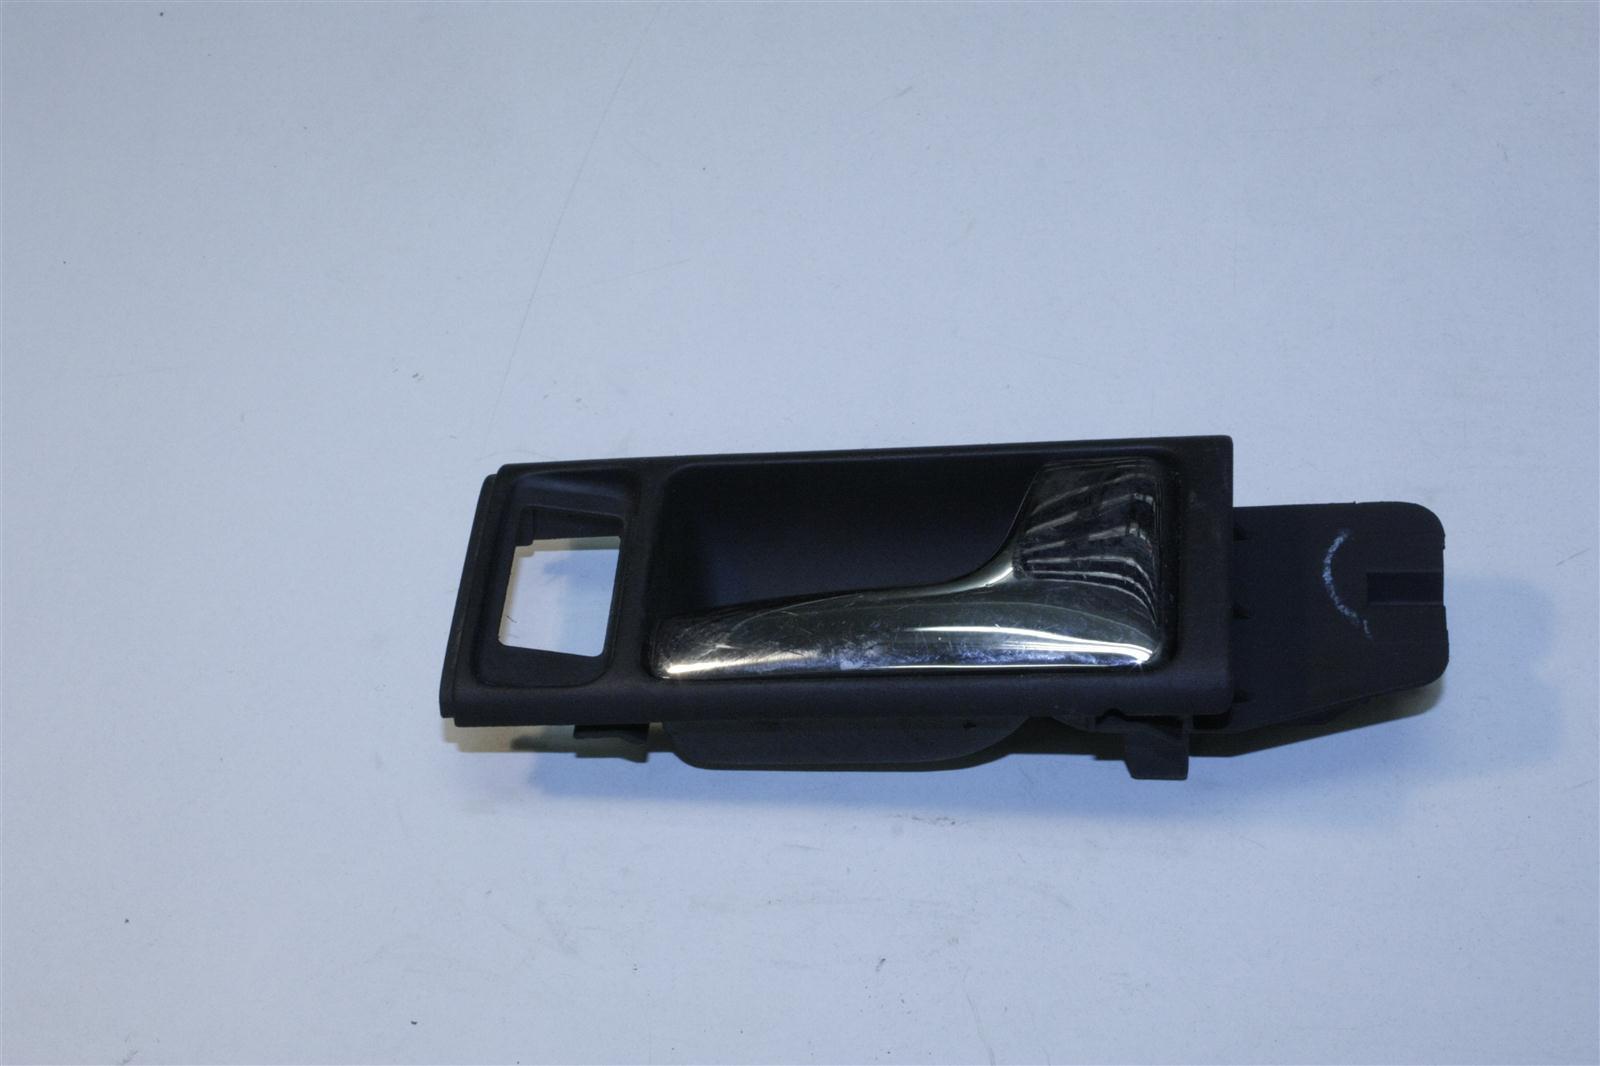 Audi 100/A6 C4 Innenbetätigung / Türgriff Vorne Rechts schwarz 4A0837020A